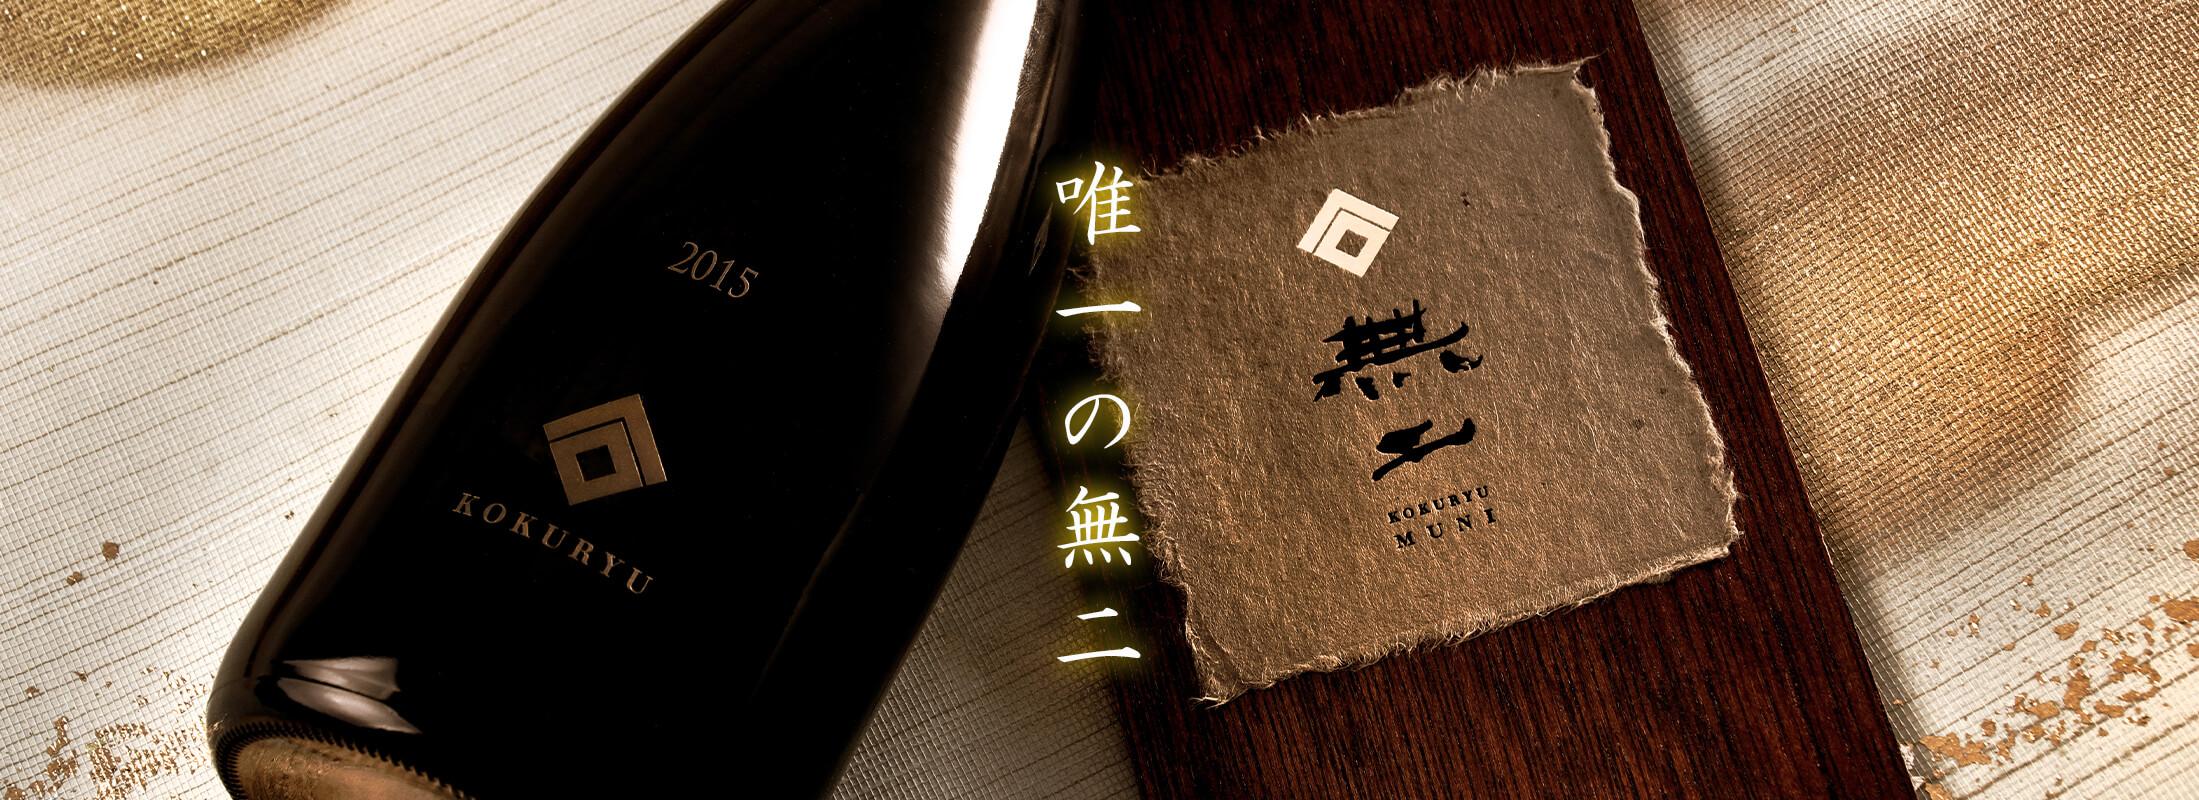 黒龍 無二 2013